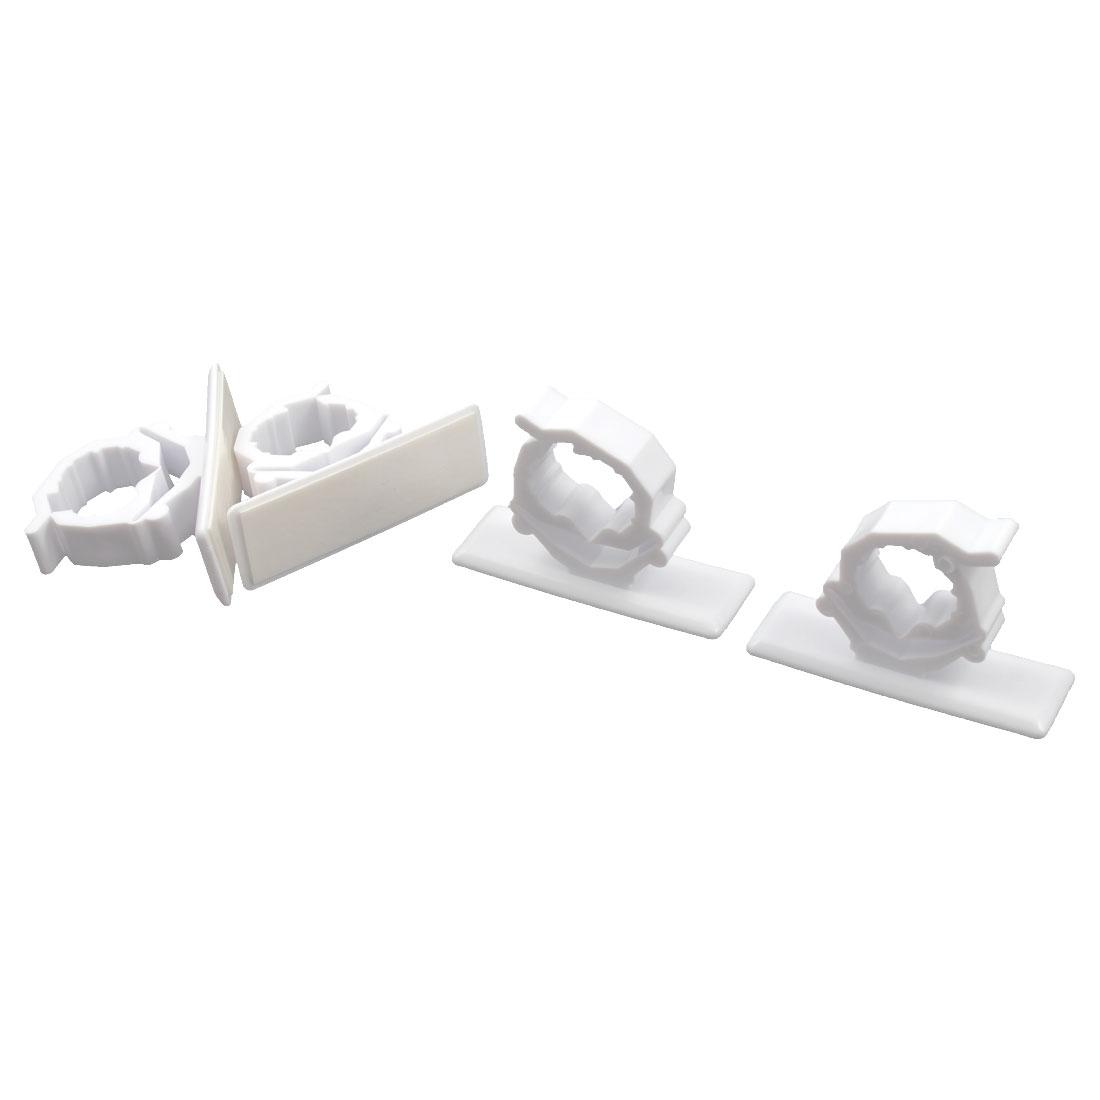 Plastic Paste Strap Wire Cable Fixer Saddle Clip Fastener Holder White 4 PCS